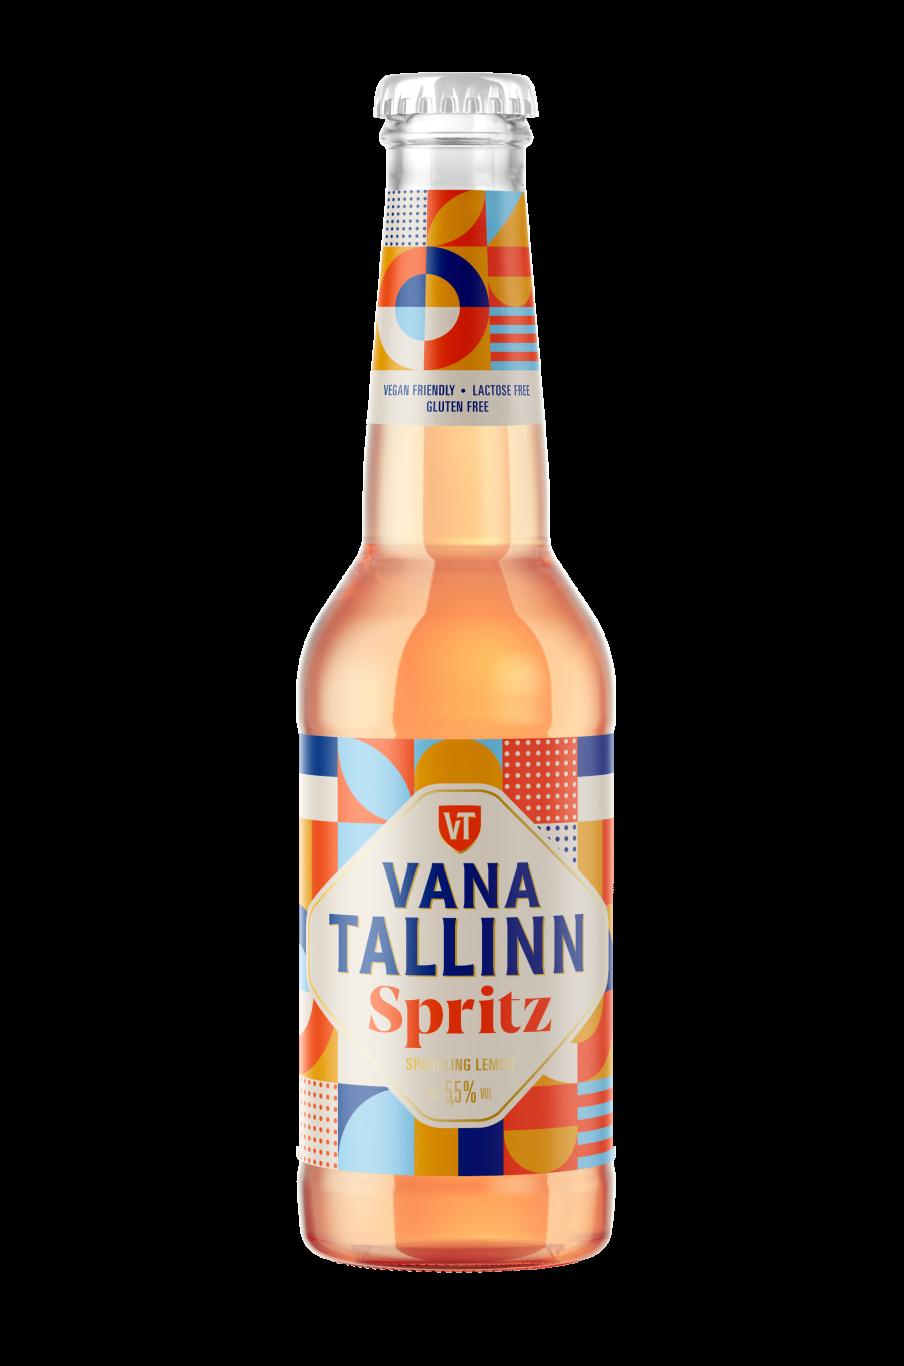 VANA TALLINN SPRITZ